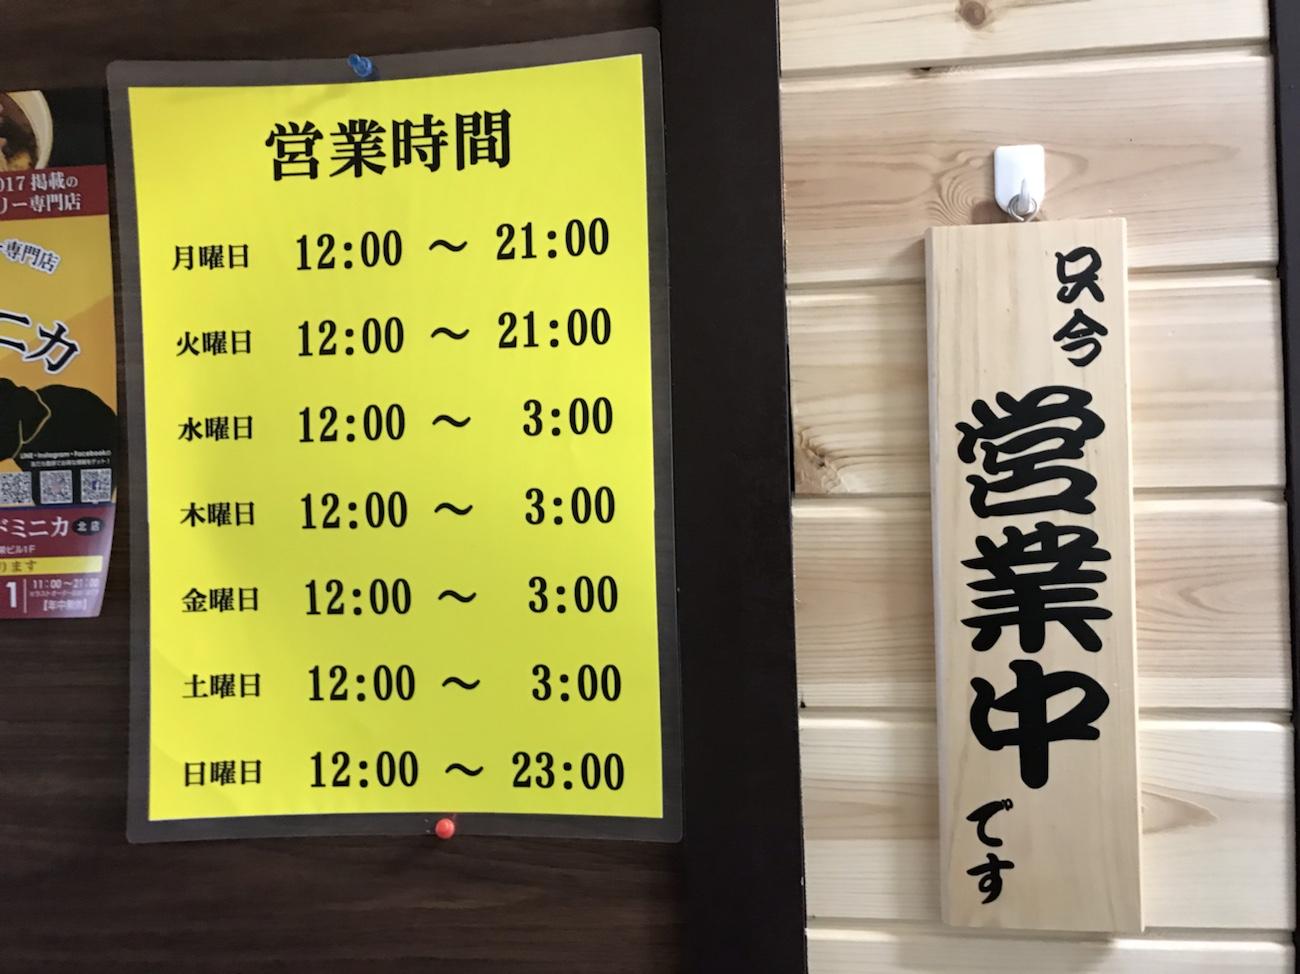 札幌スープカレードミニカ 営業時間の看板